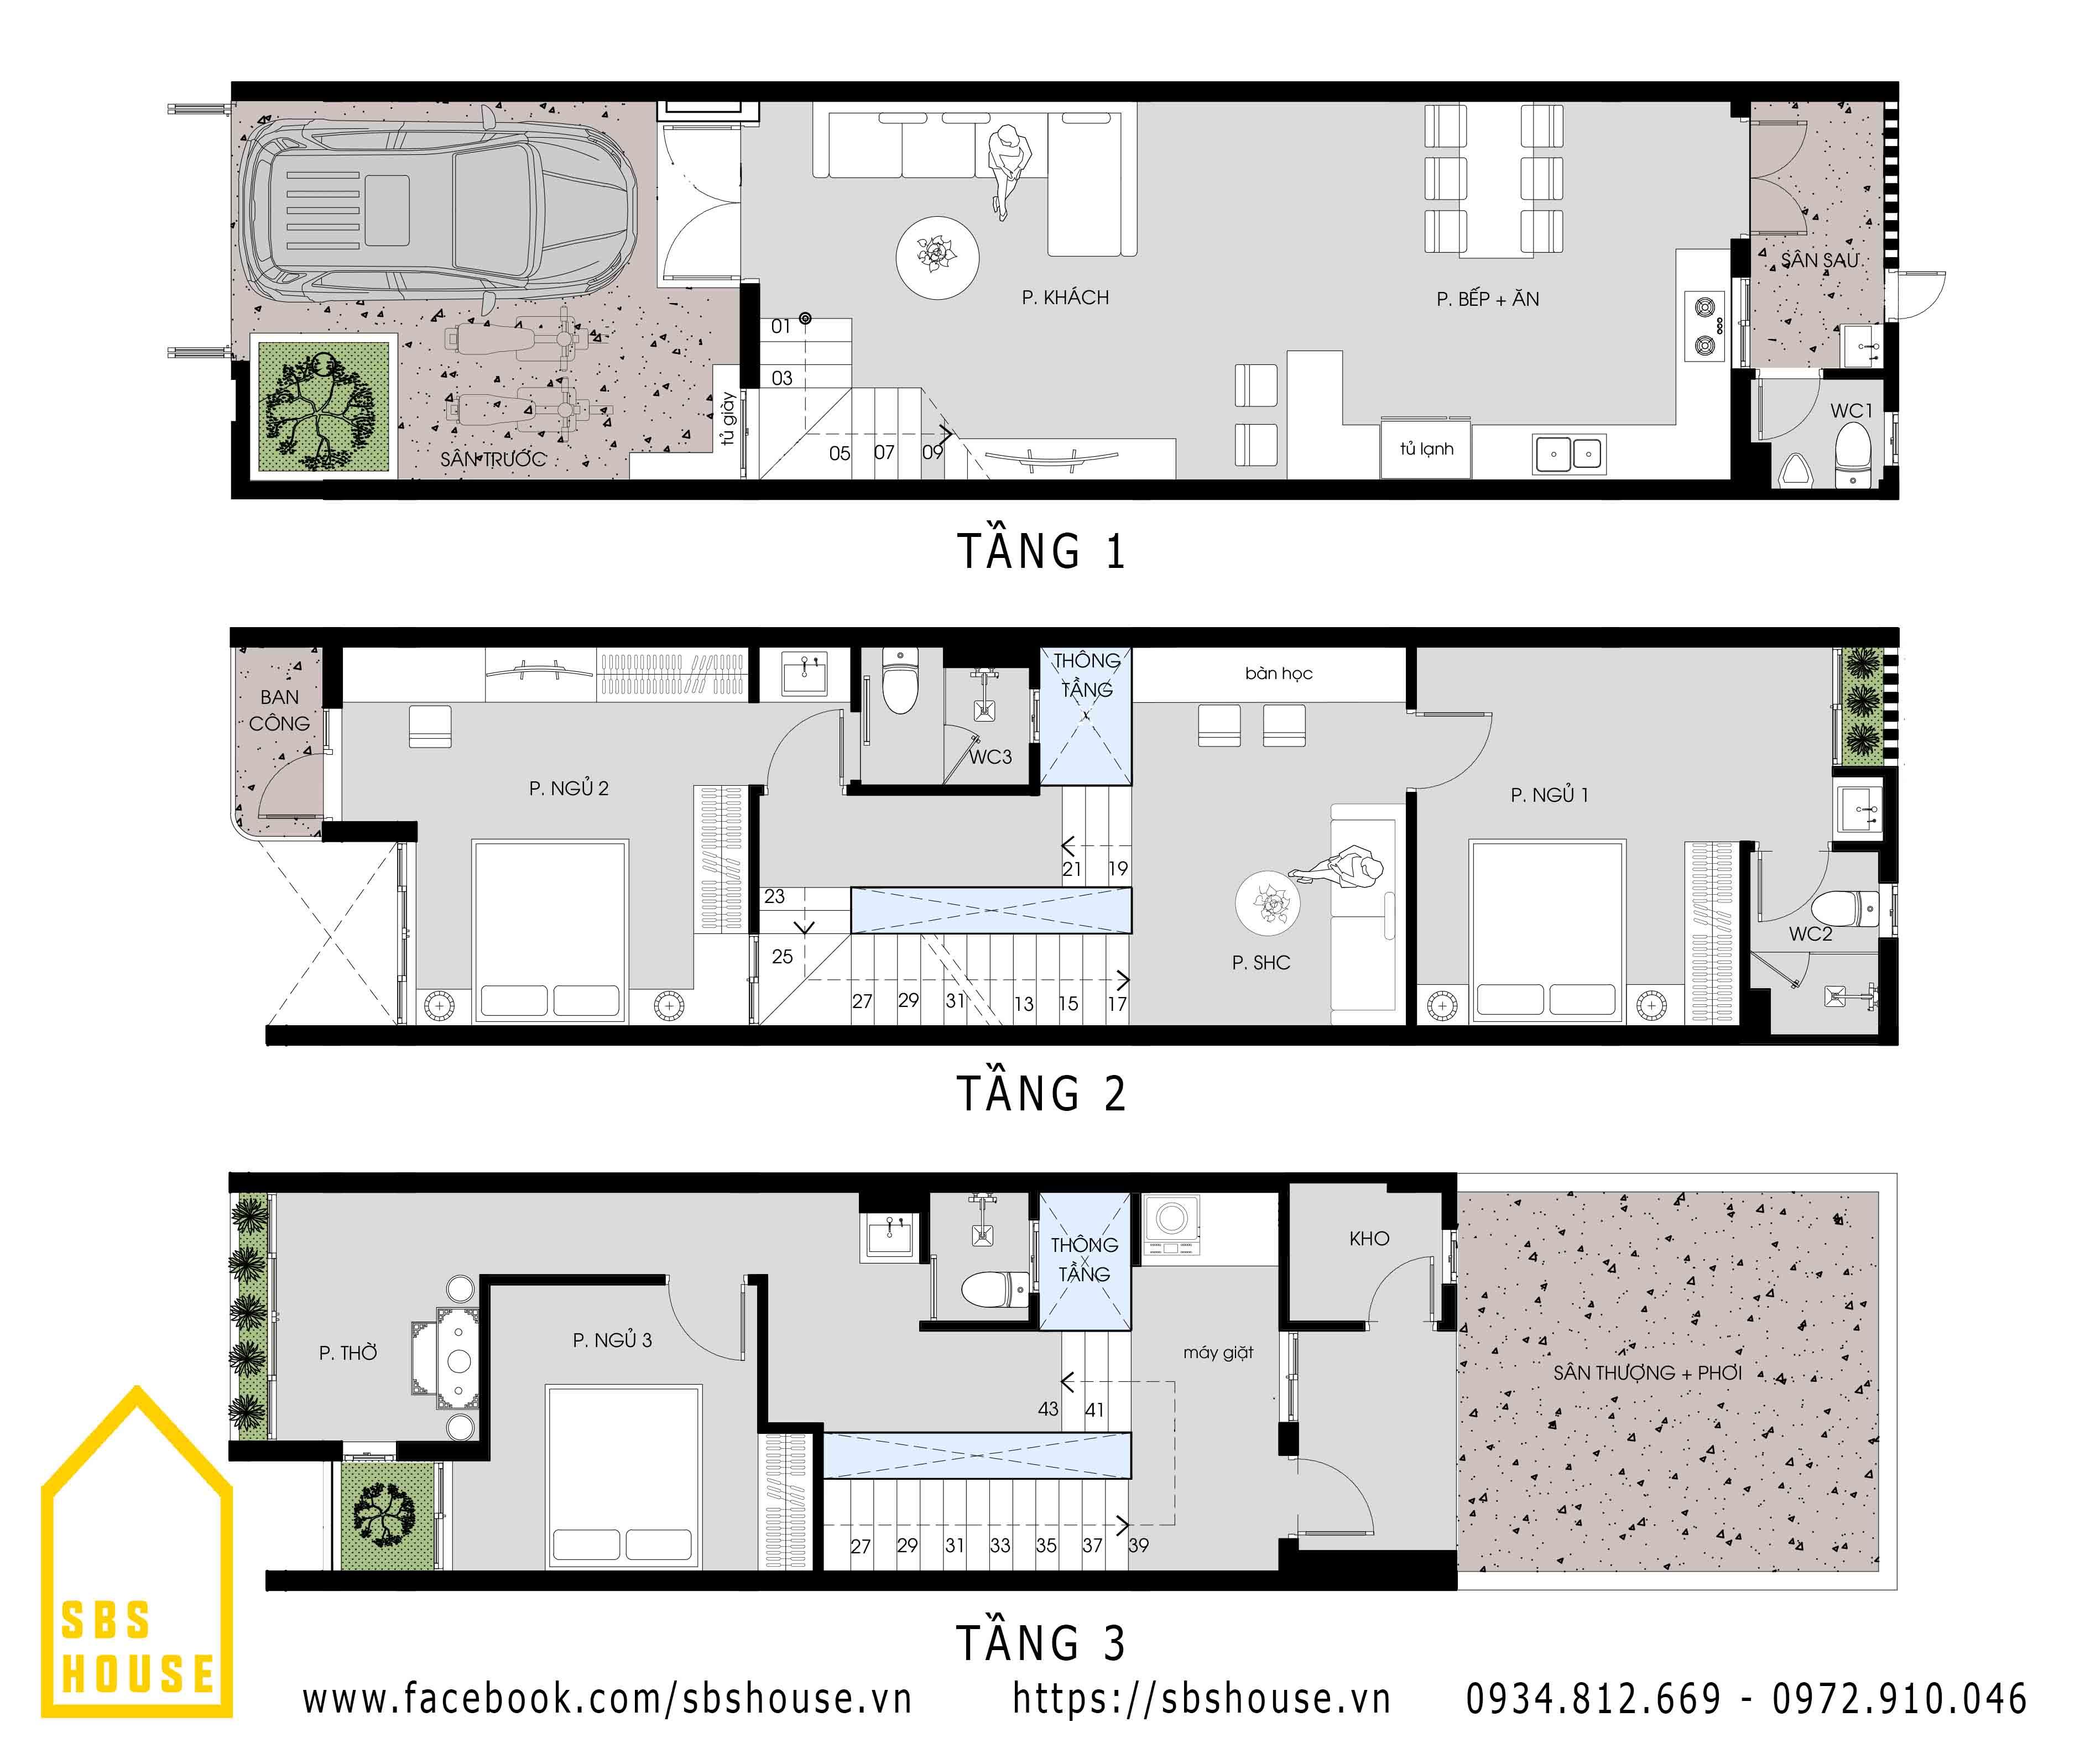 Mặt bằng công năng nhà 3 tầng tối giản